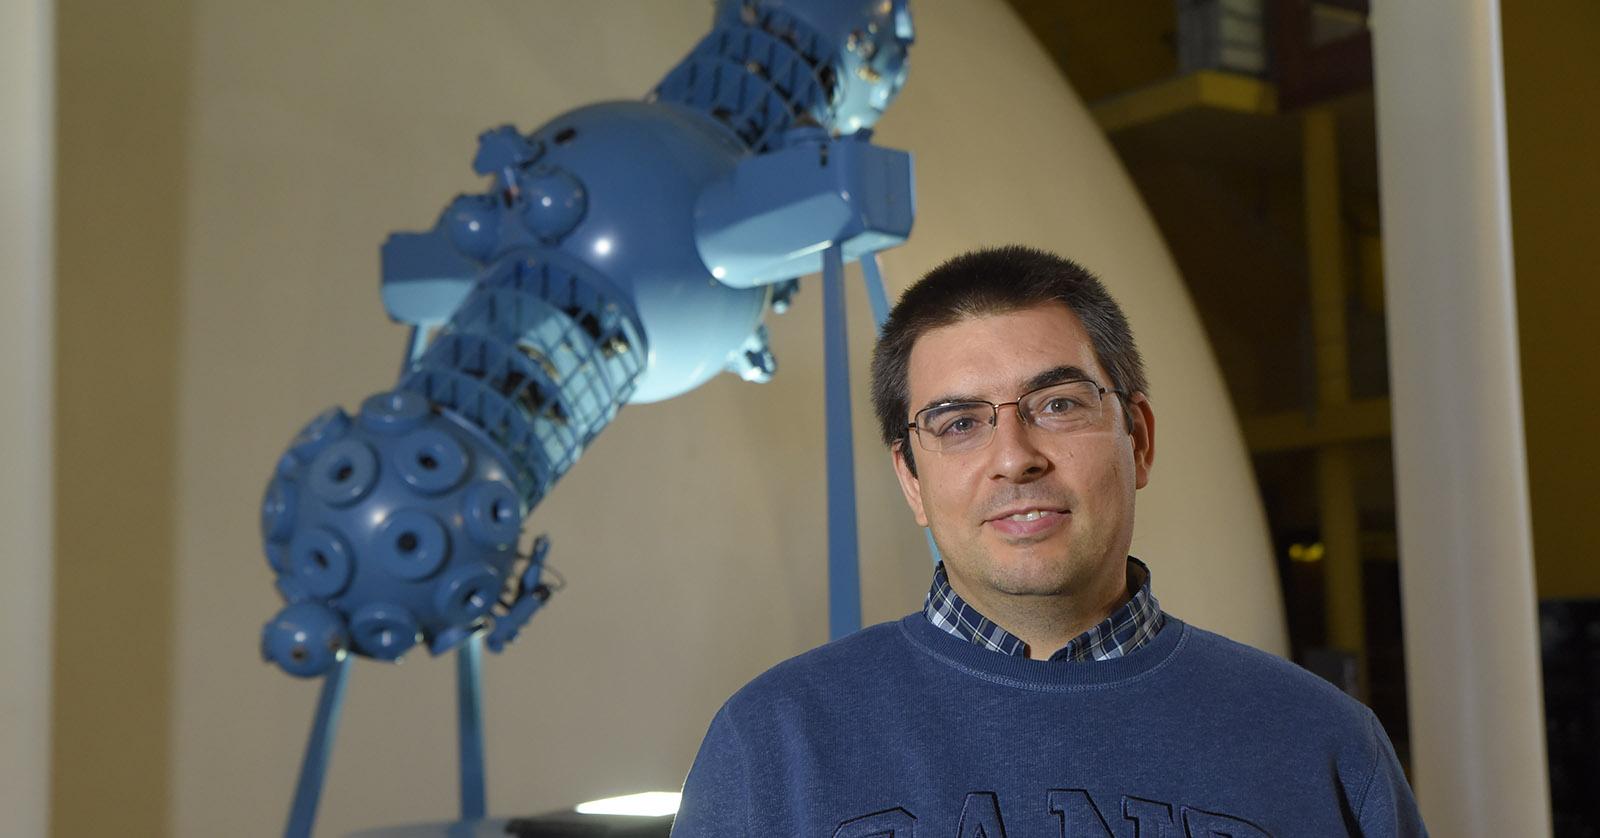 Sérgio Sousa: de olhos nas estrelas, em busca de novos mundos